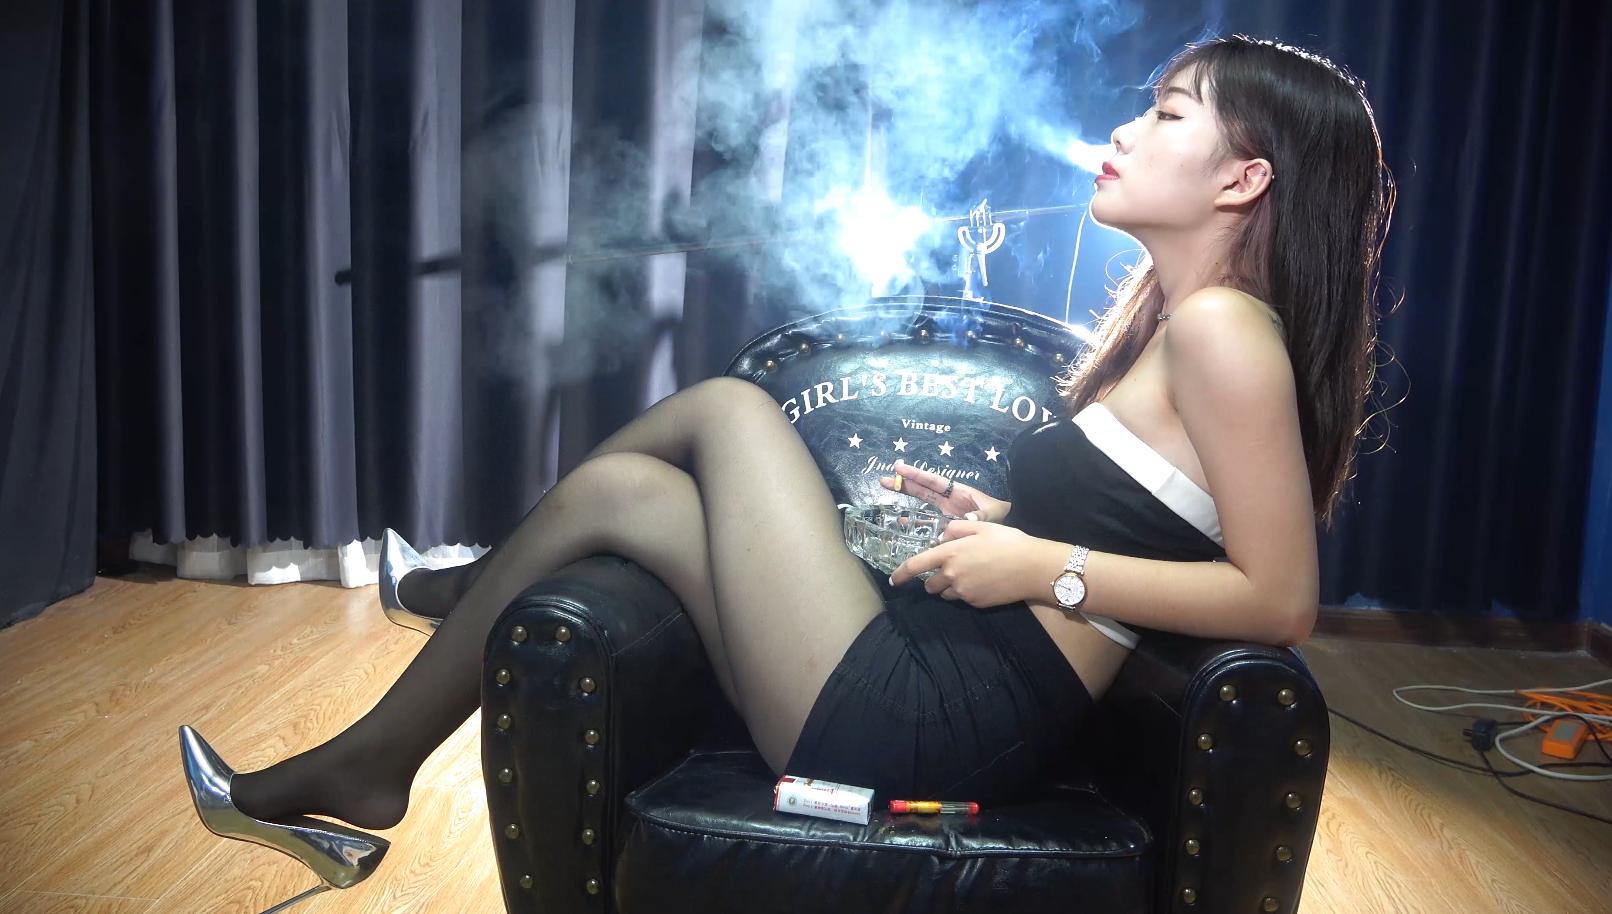 极品高跟黑丝妹性感抽烟(6根烟)